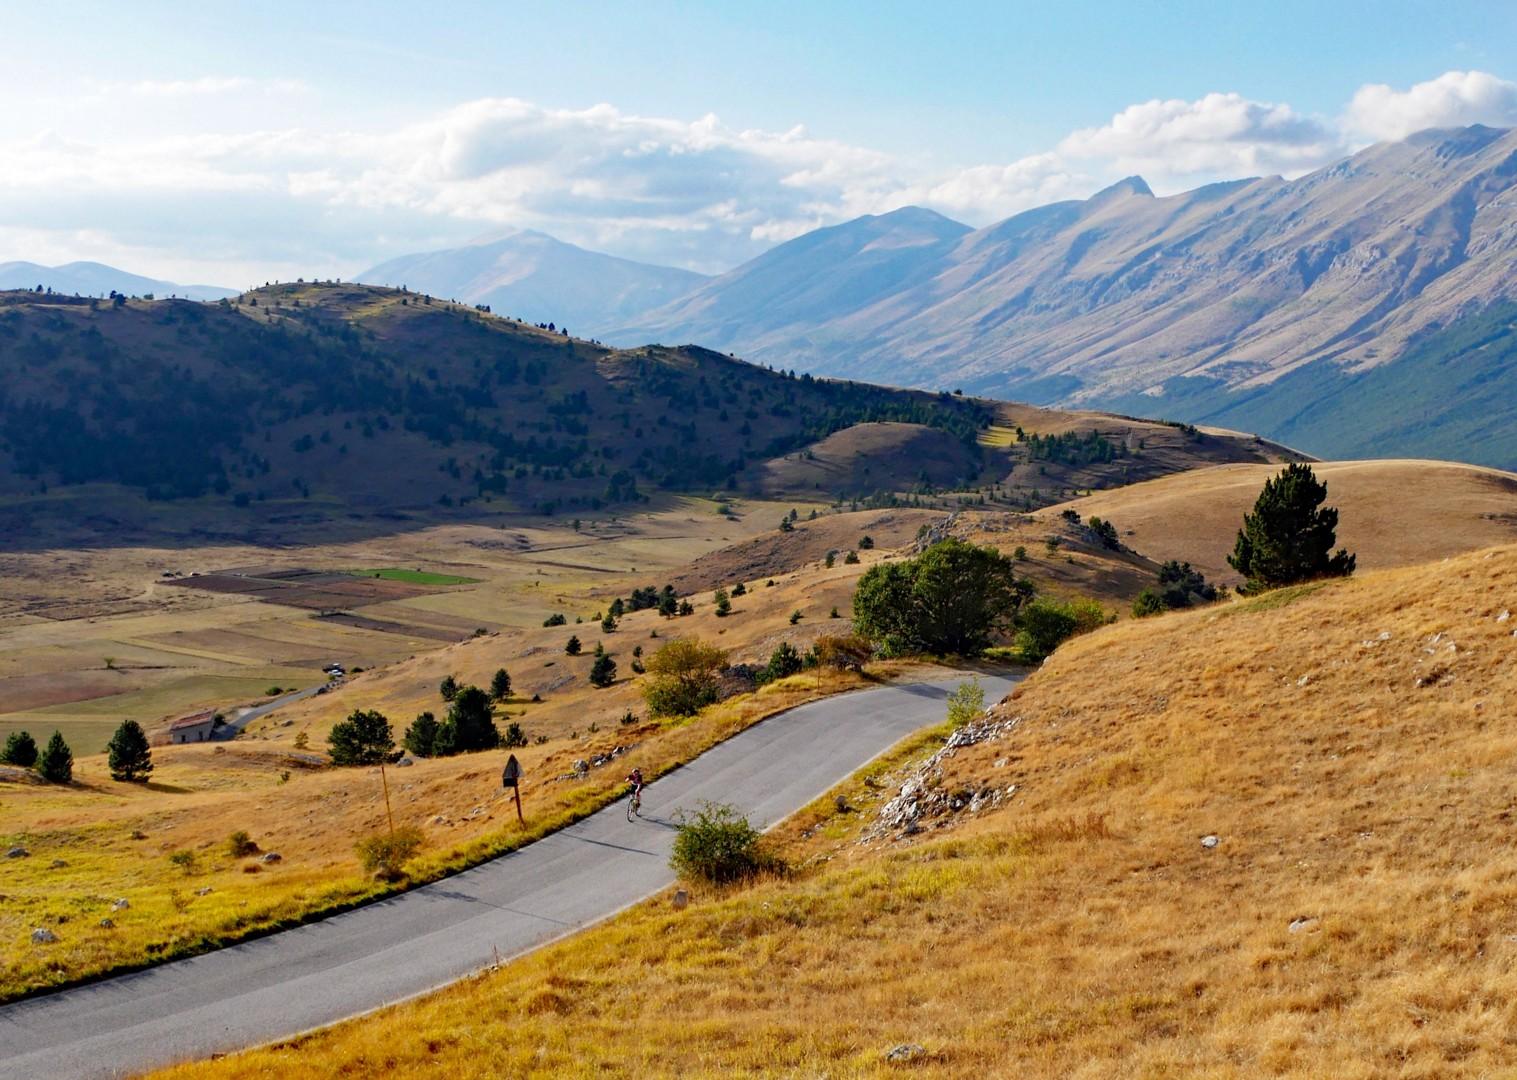 italy-abruzzo-appennini-dabruzzo-guided-road-cycling-holiday.jpg - Italy - Abruzzo - Appennini d'Abruzzo - Guided Road Cycling Holiday - Road Cycling